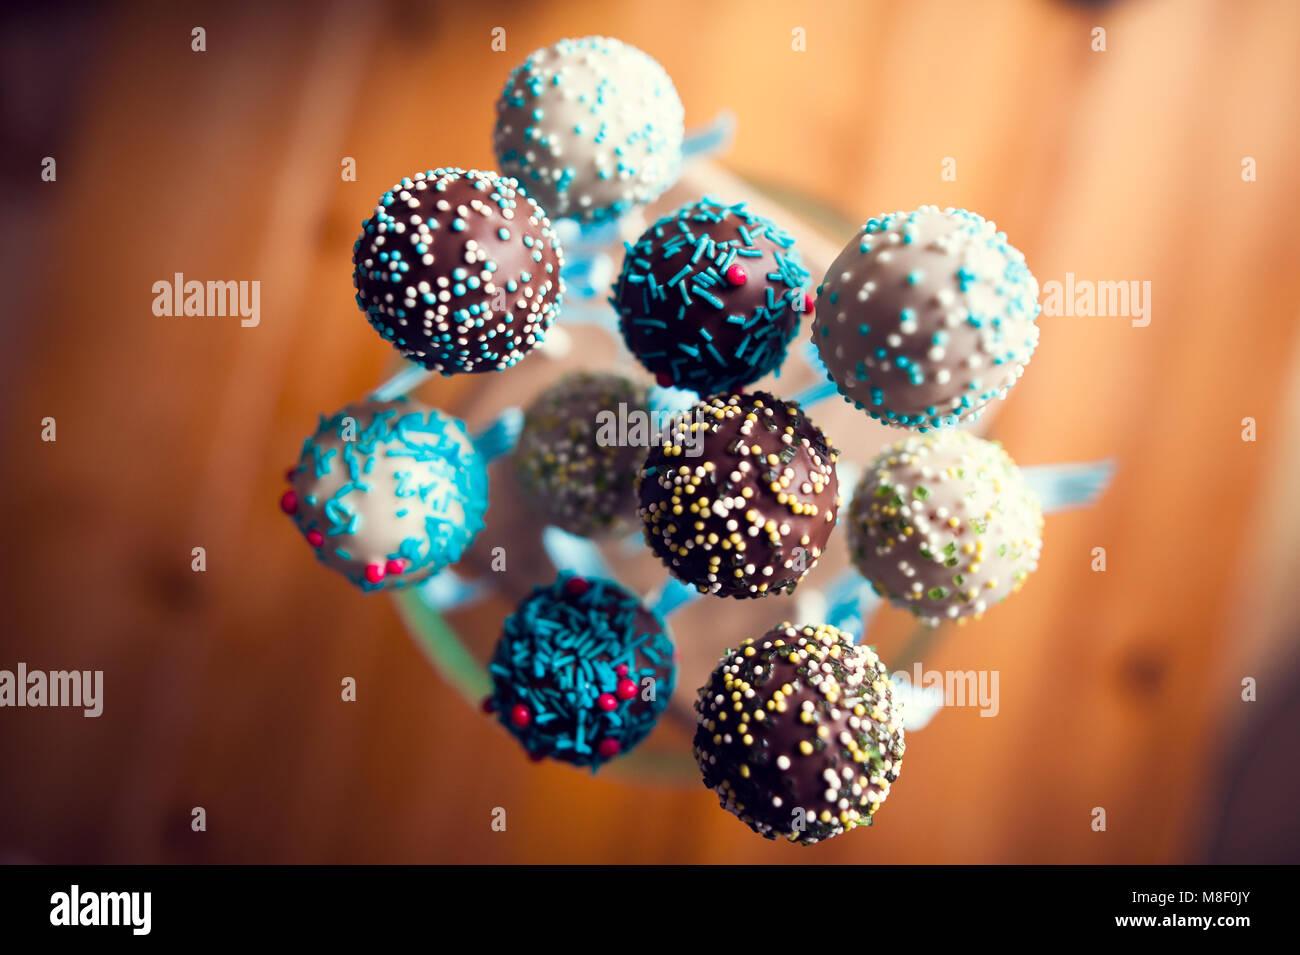 Arrangiert cakepops mit süßen kleinen Kugeln vorbereitet zu essen Stockbild